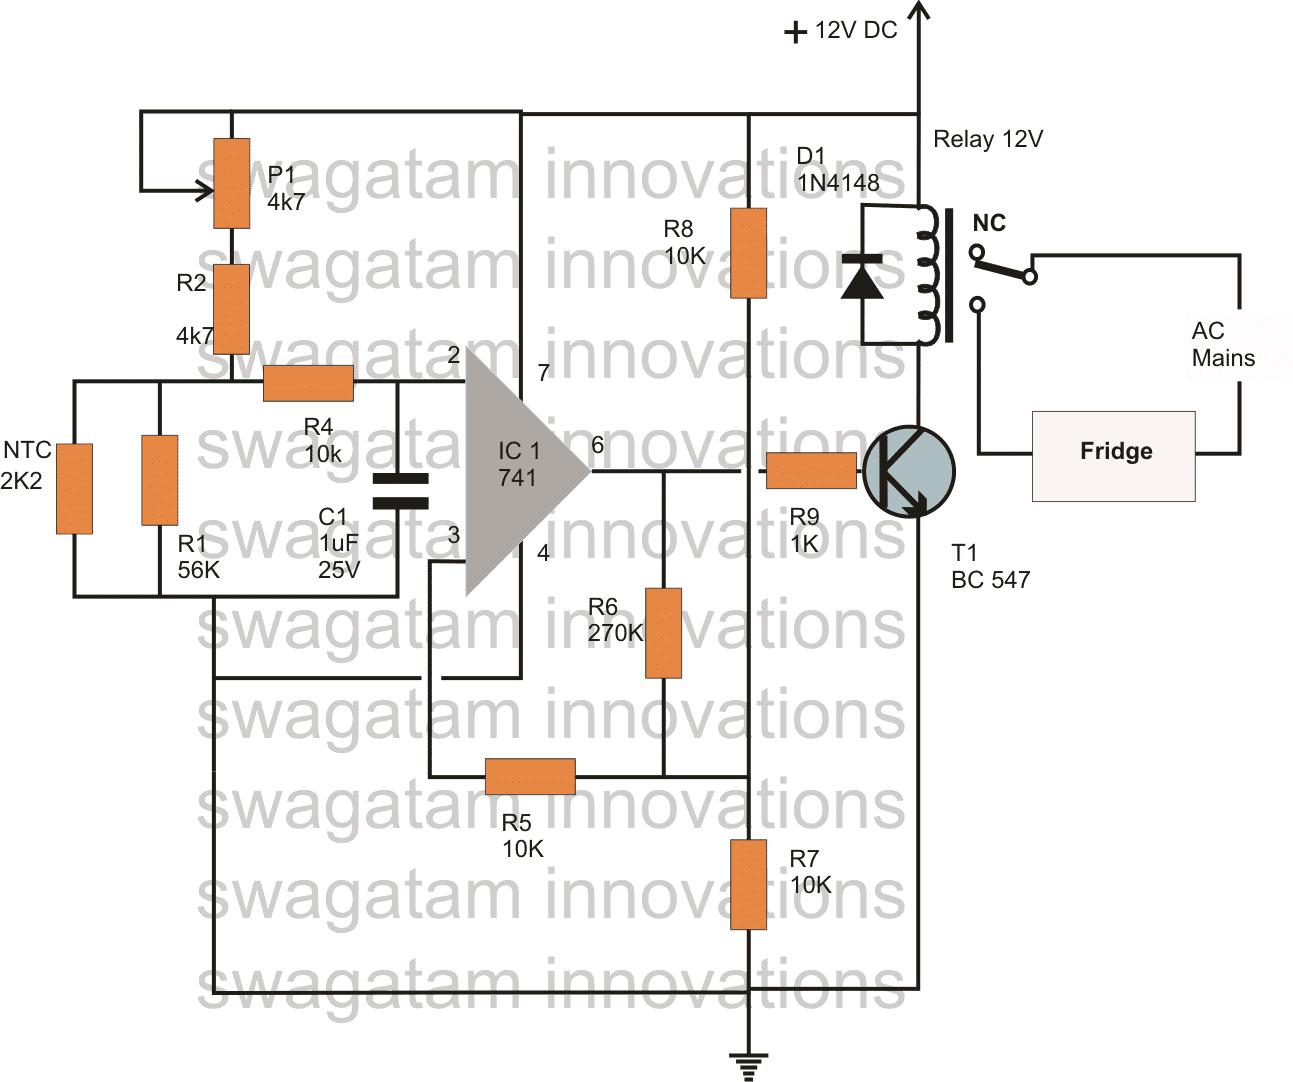 relay switch fridge